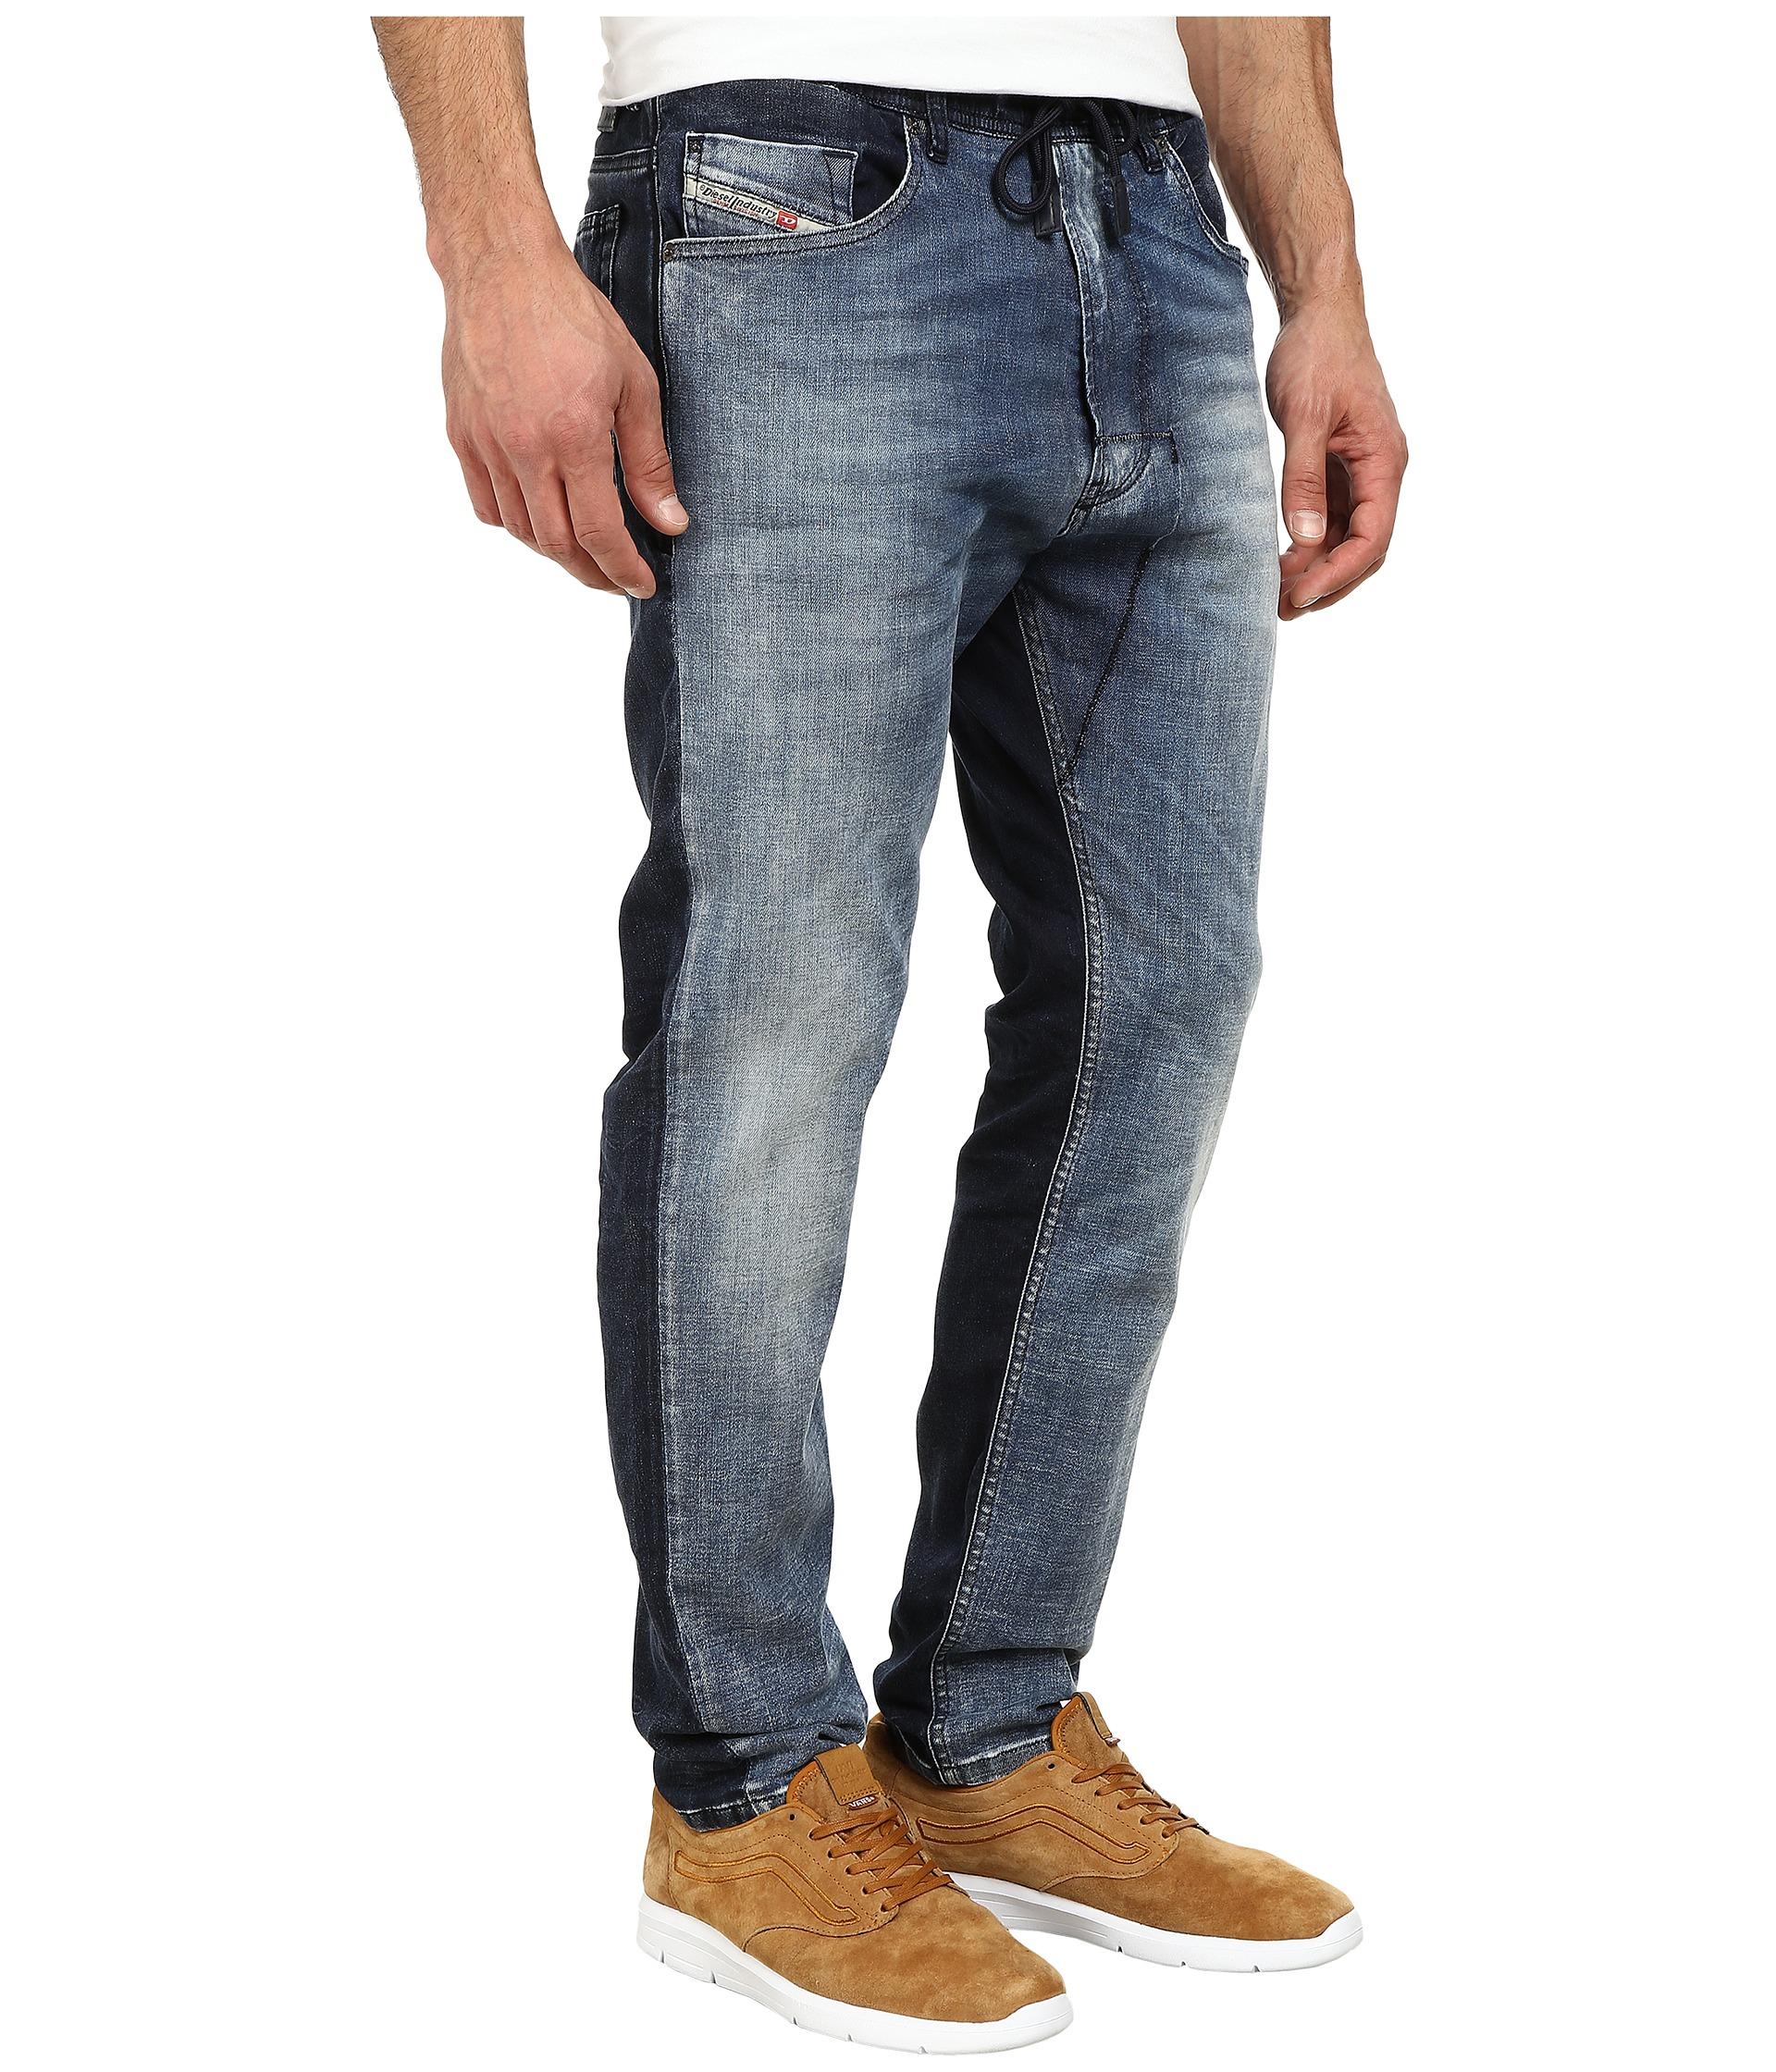 14db7d8f DIESEL Narrot-ne Sweat Jeans 667a in Blue for Men - Lyst